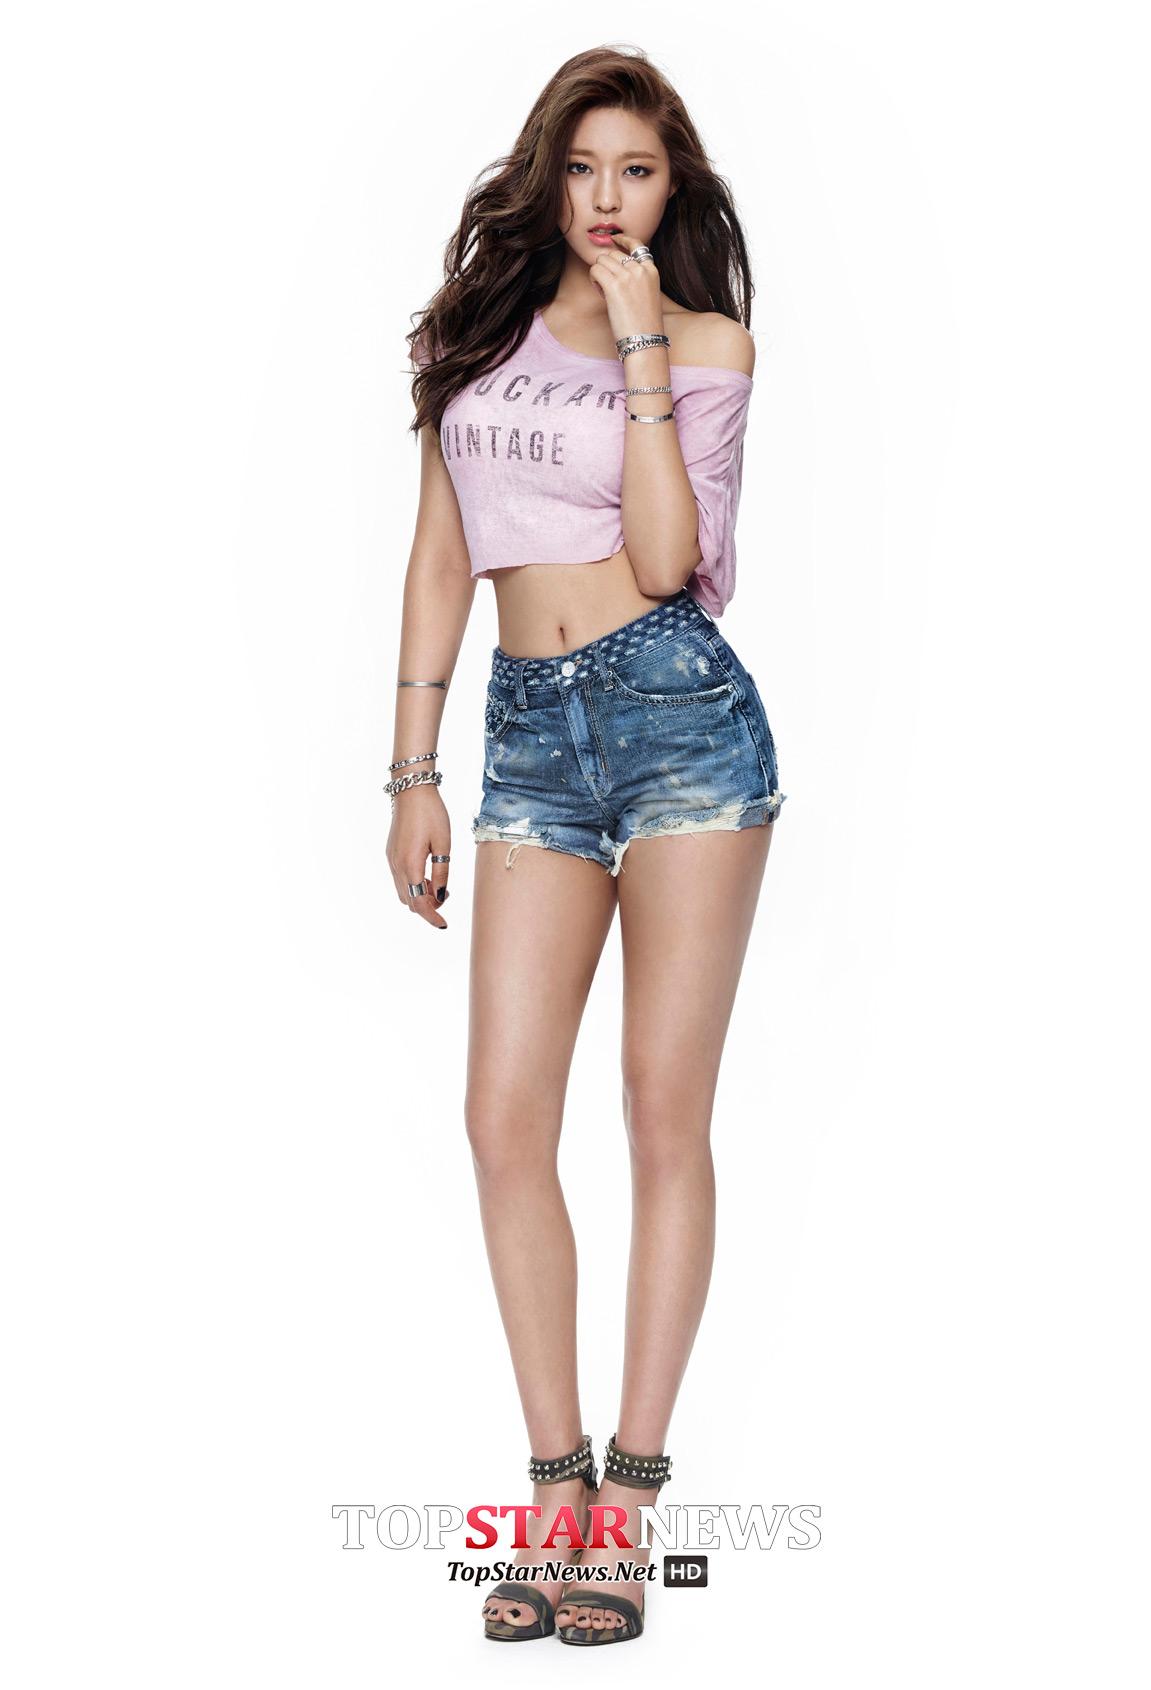 之前拍攝牛仔褲廣告的時候也是有一系列露出纖細小蠻腰的概念照~